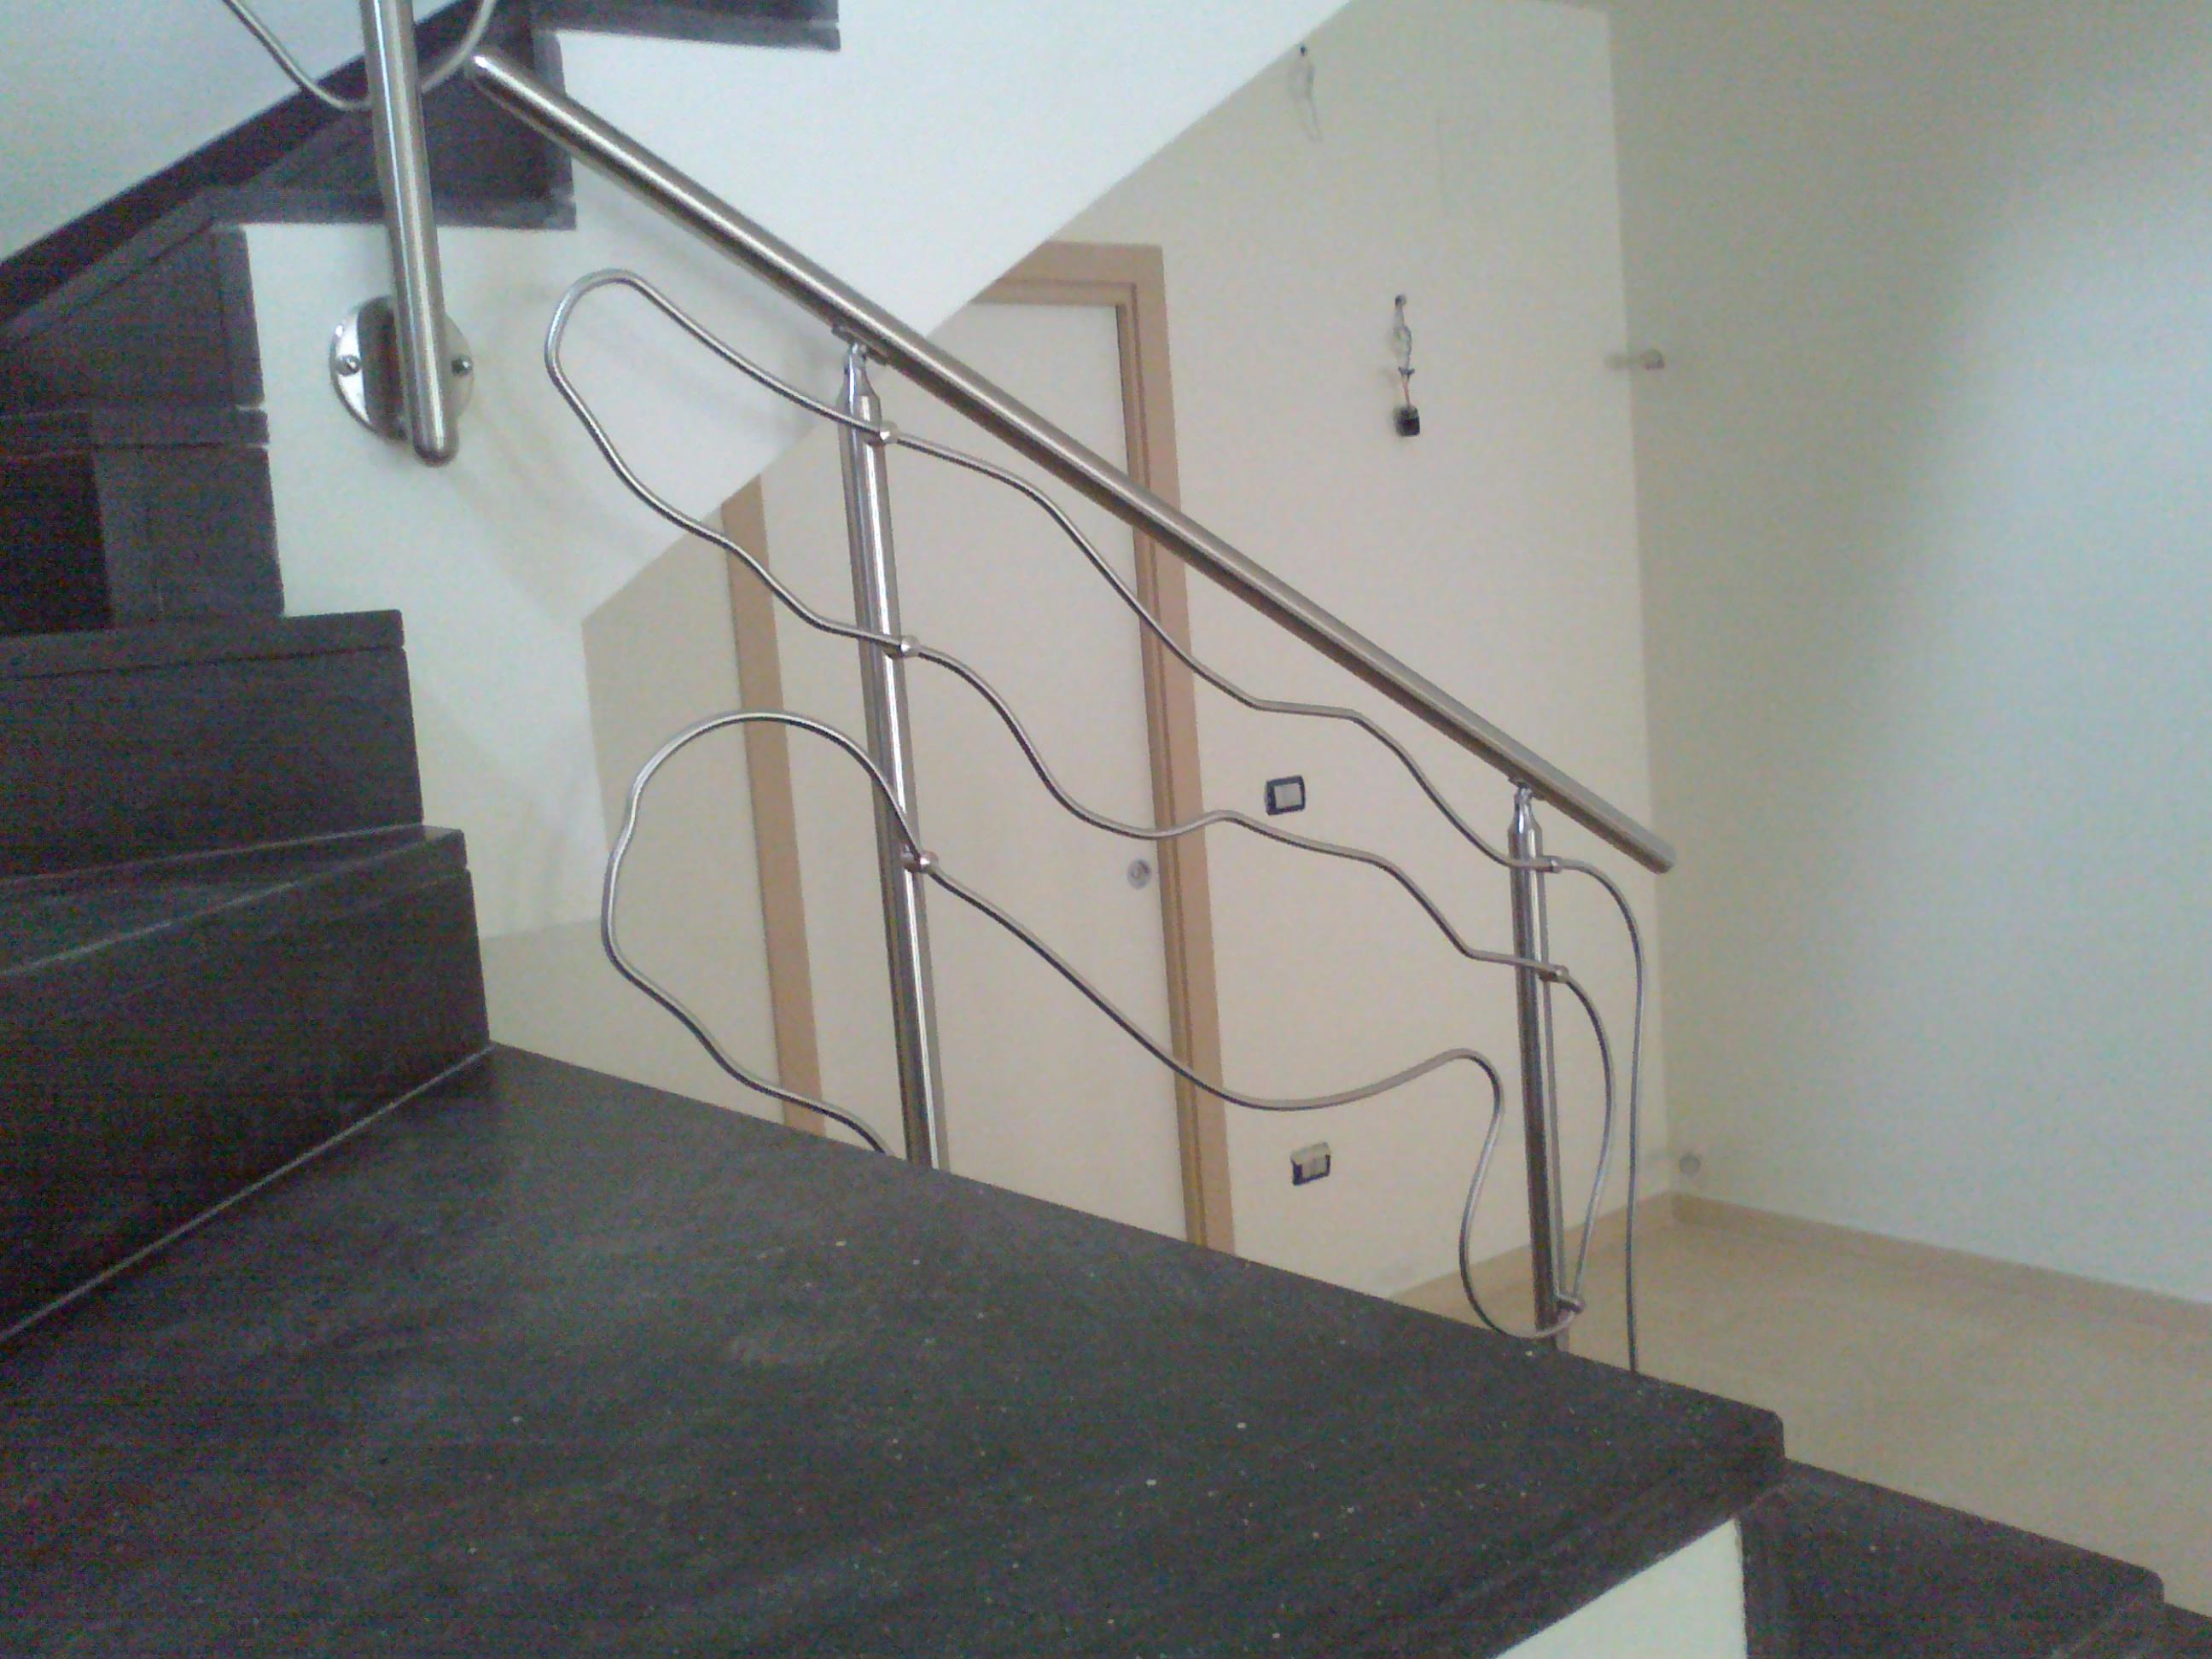 Ringhiera moderna in acciaio inox con disegno astratto - Ringhiere da interno moderne ...